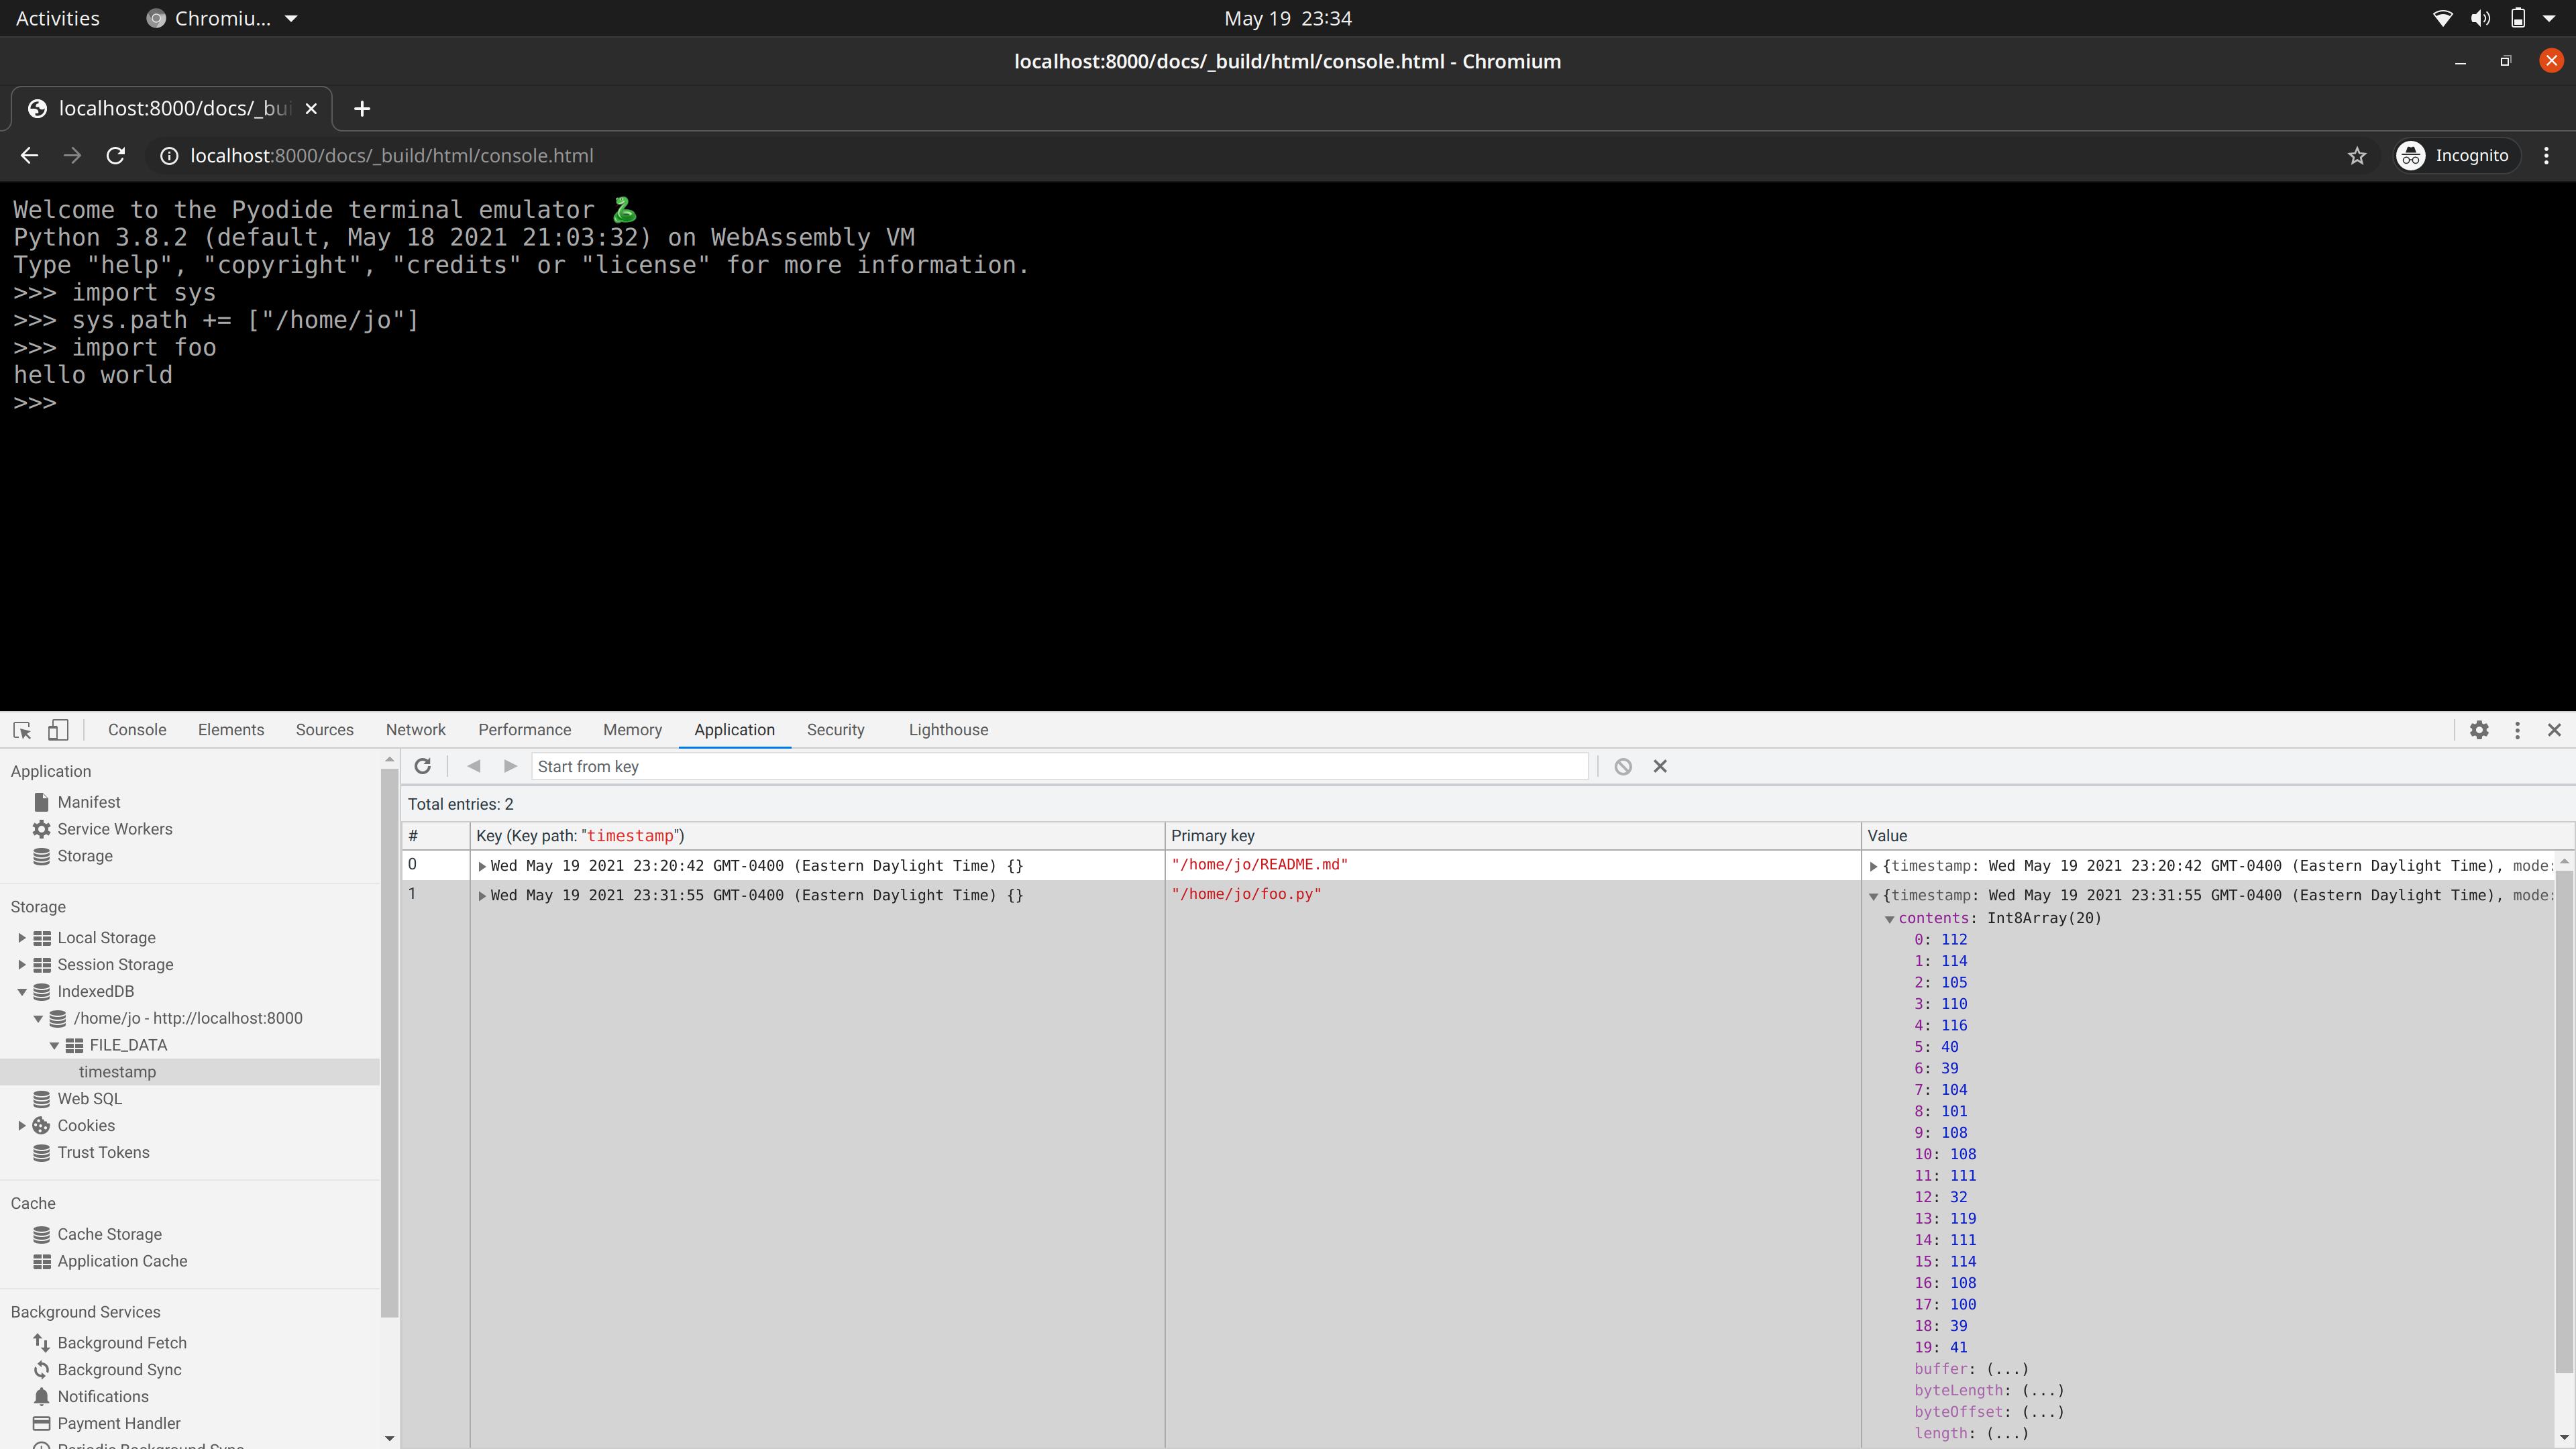 Screenshot from 2021-05-19 23-34-01